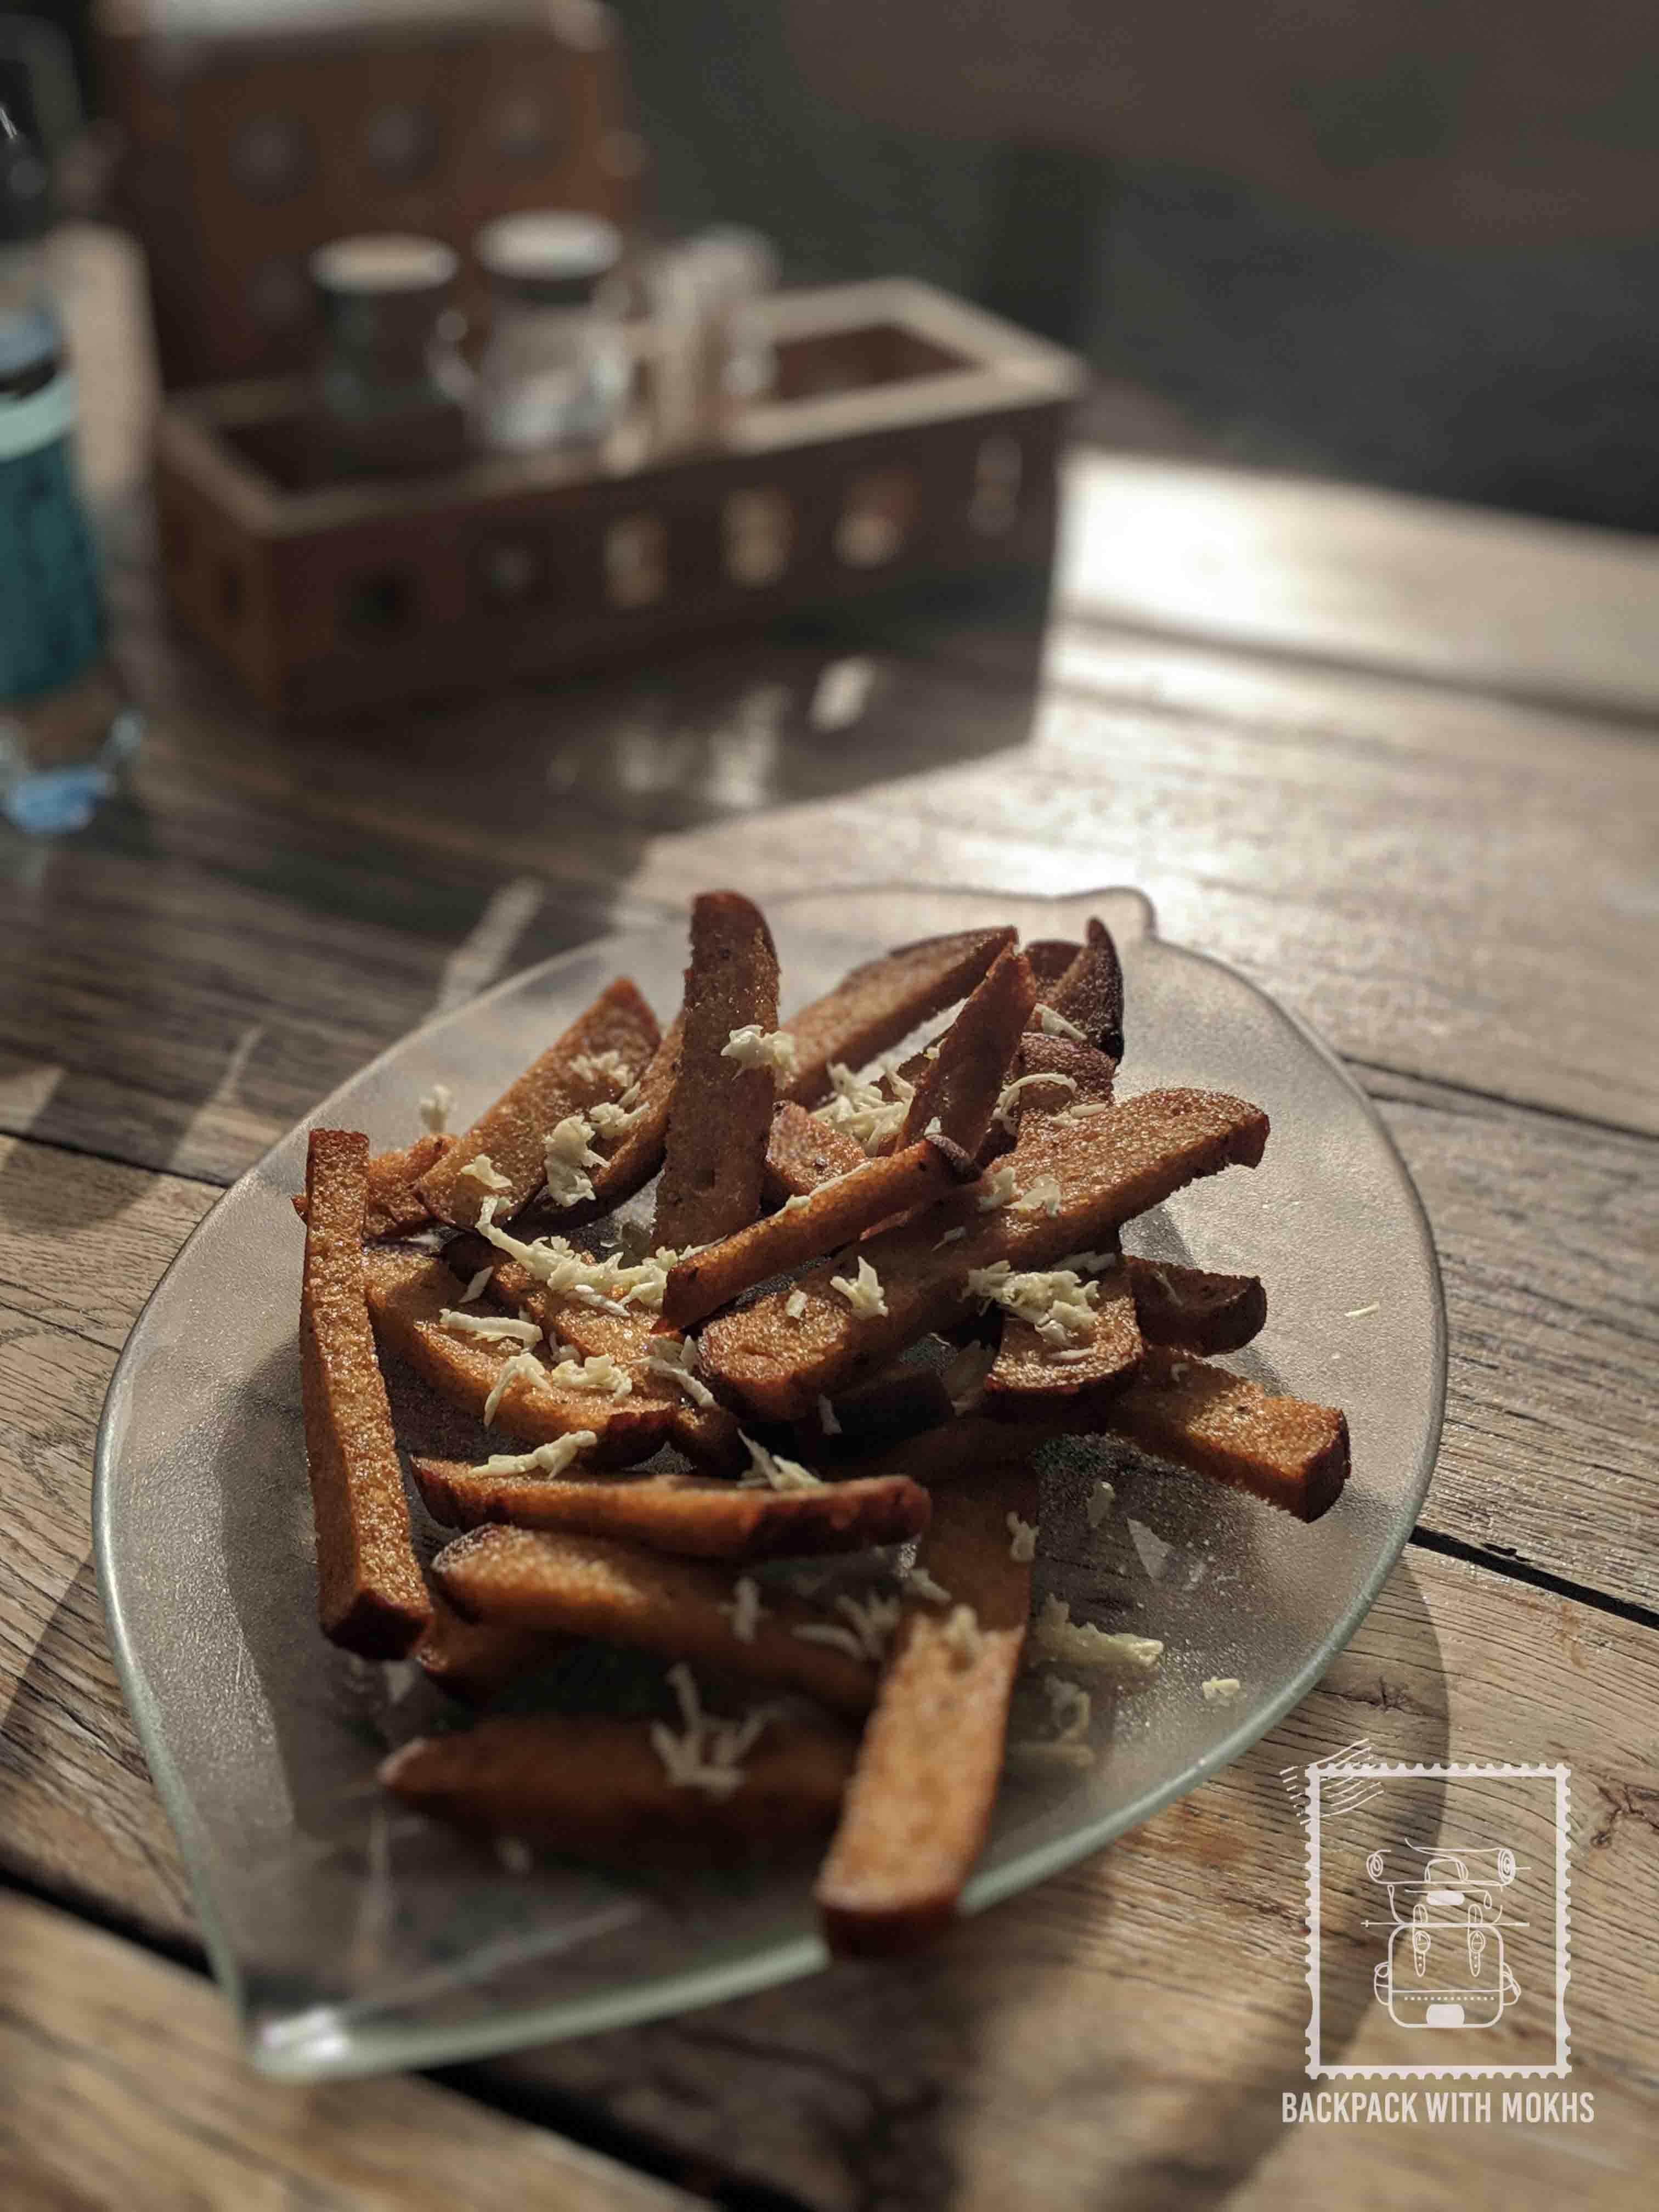 Kepta duonas - Lithuanian dish